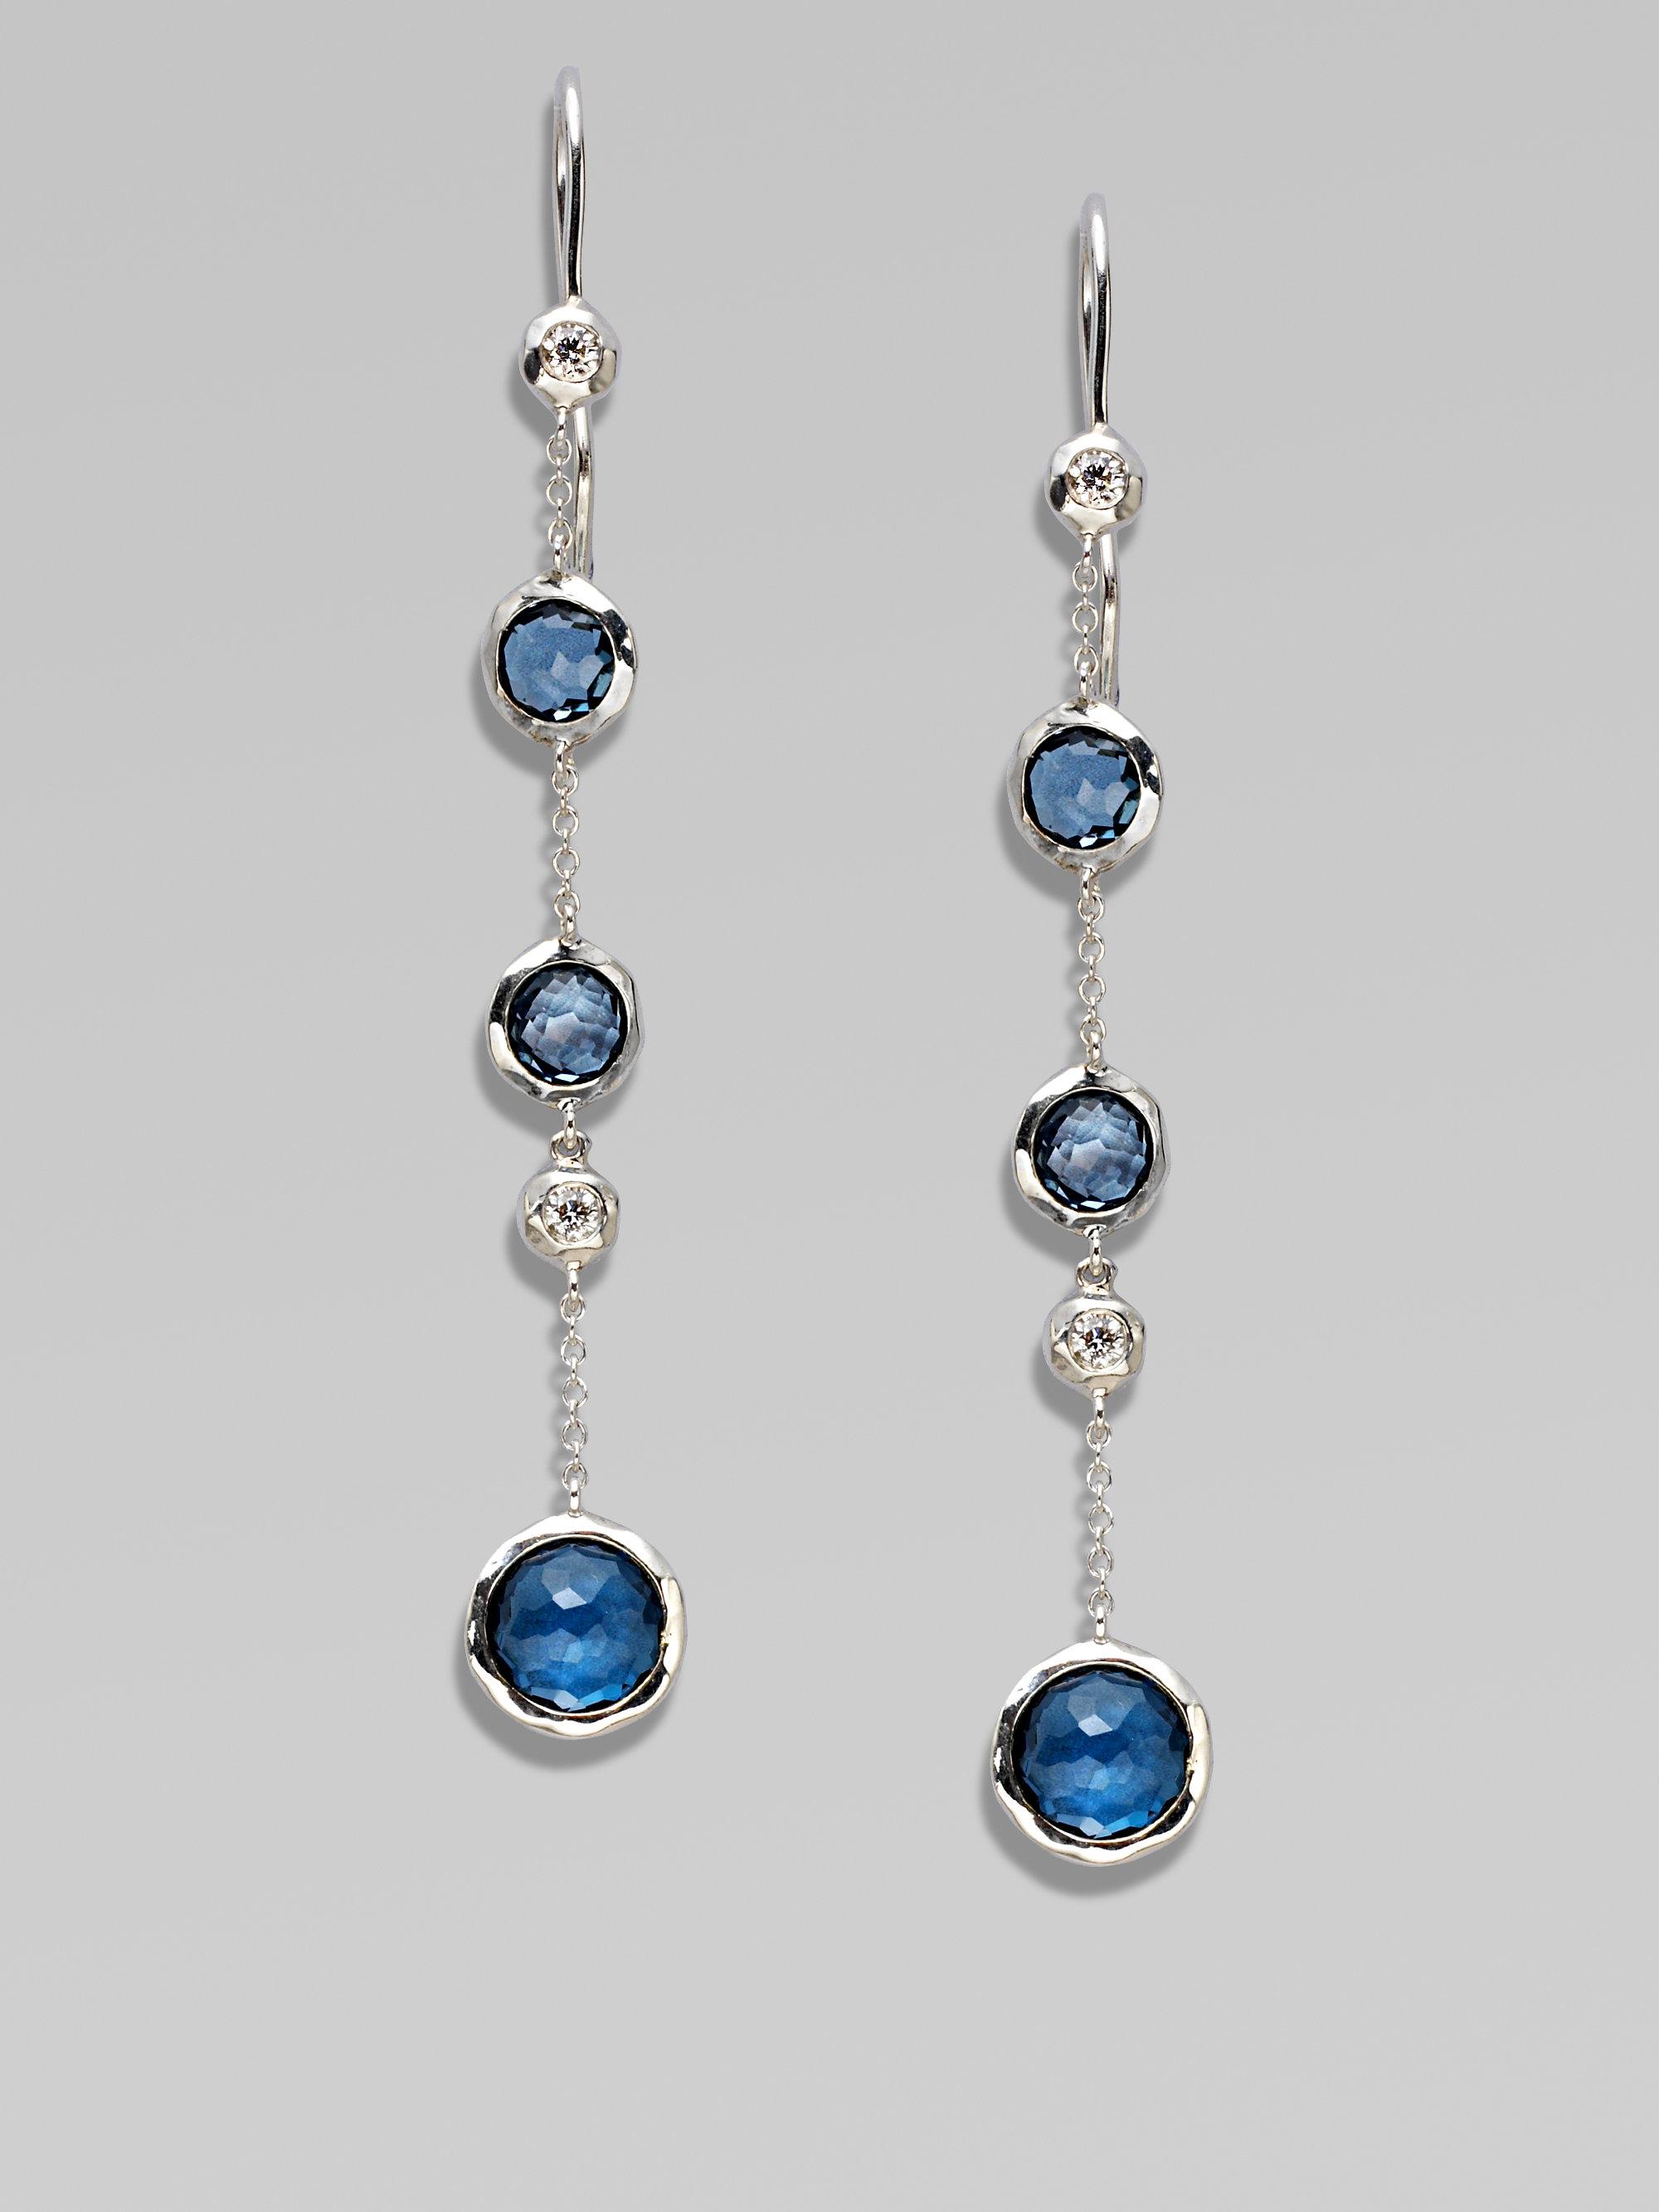 Ippolita Diamonds London Blue Topaz Sterling Silver Earrings in